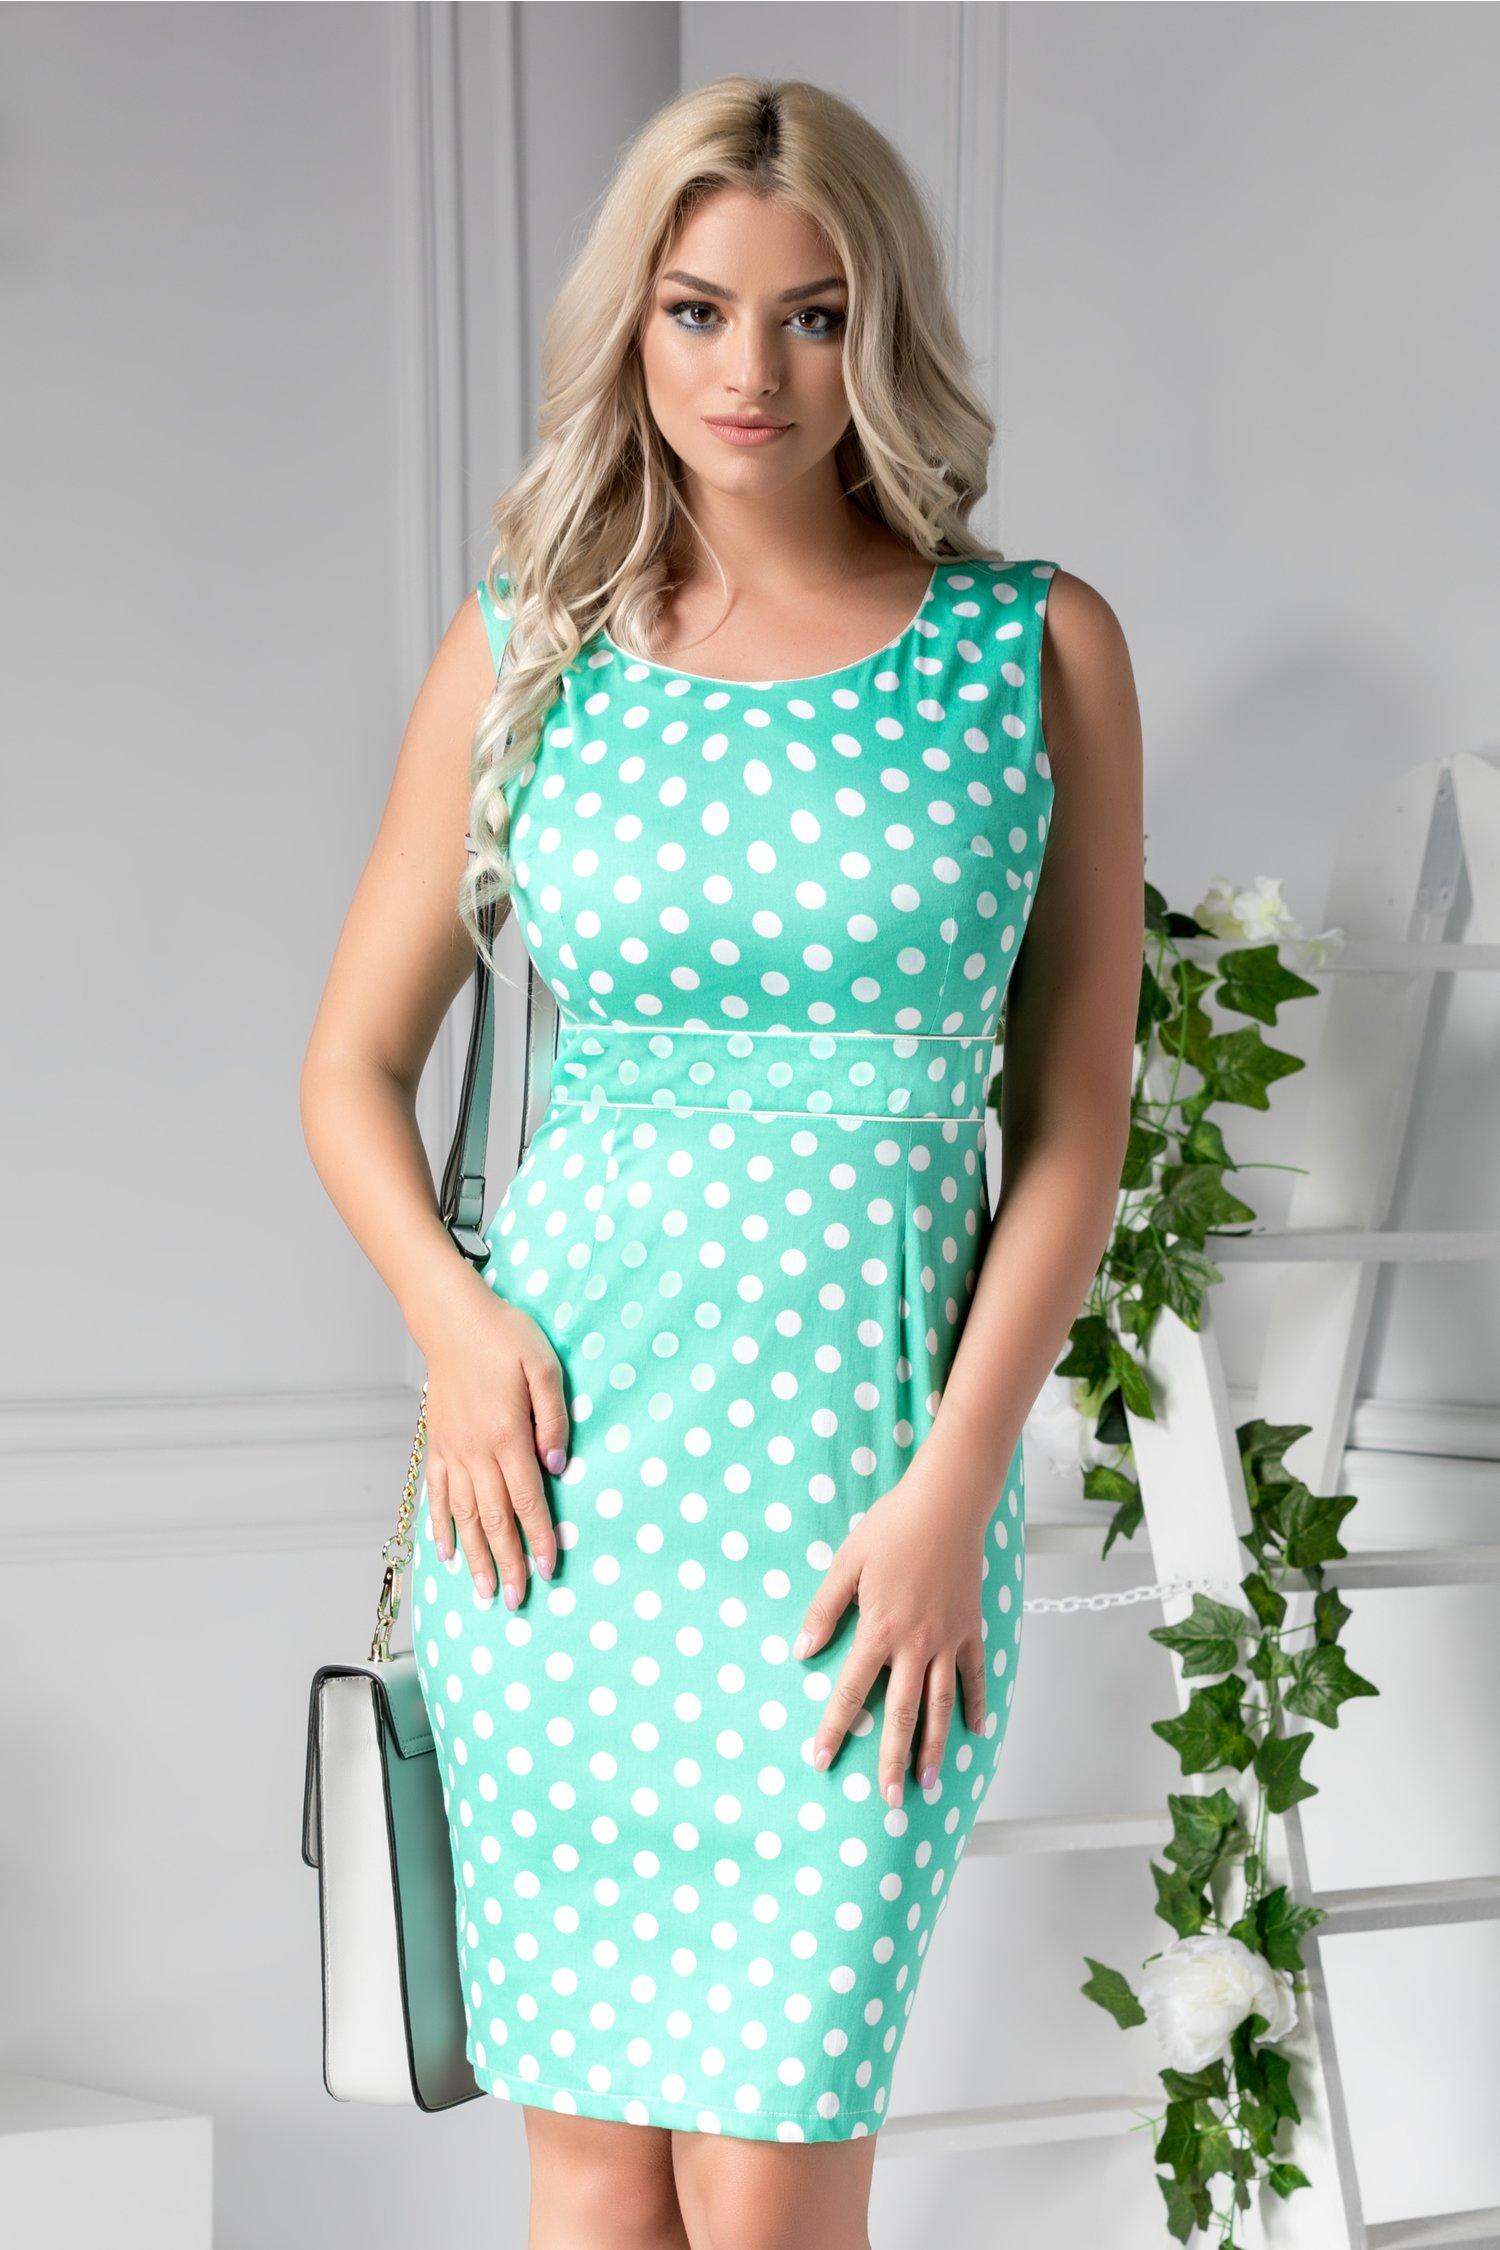 Rochie Chiara verde cu buline albe mari de zi